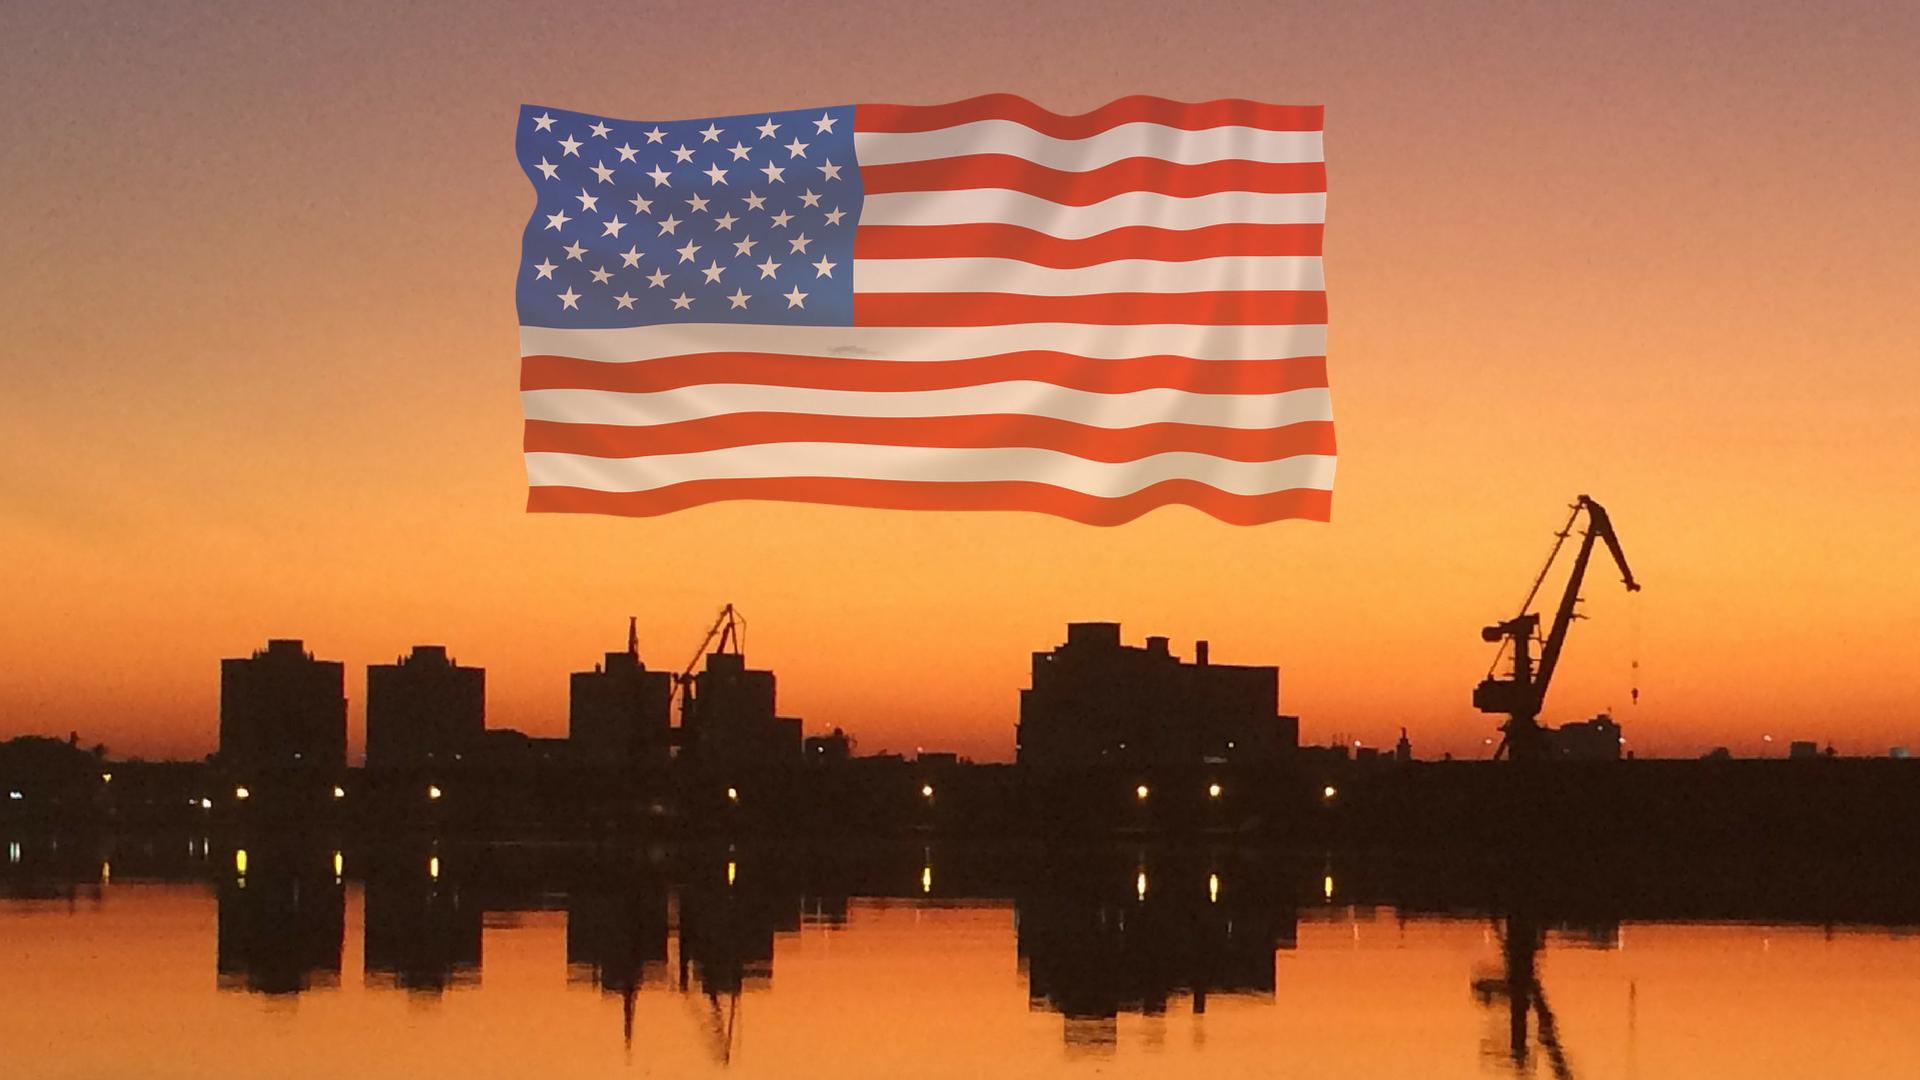 visto-americano-em-porto-alegre  Início